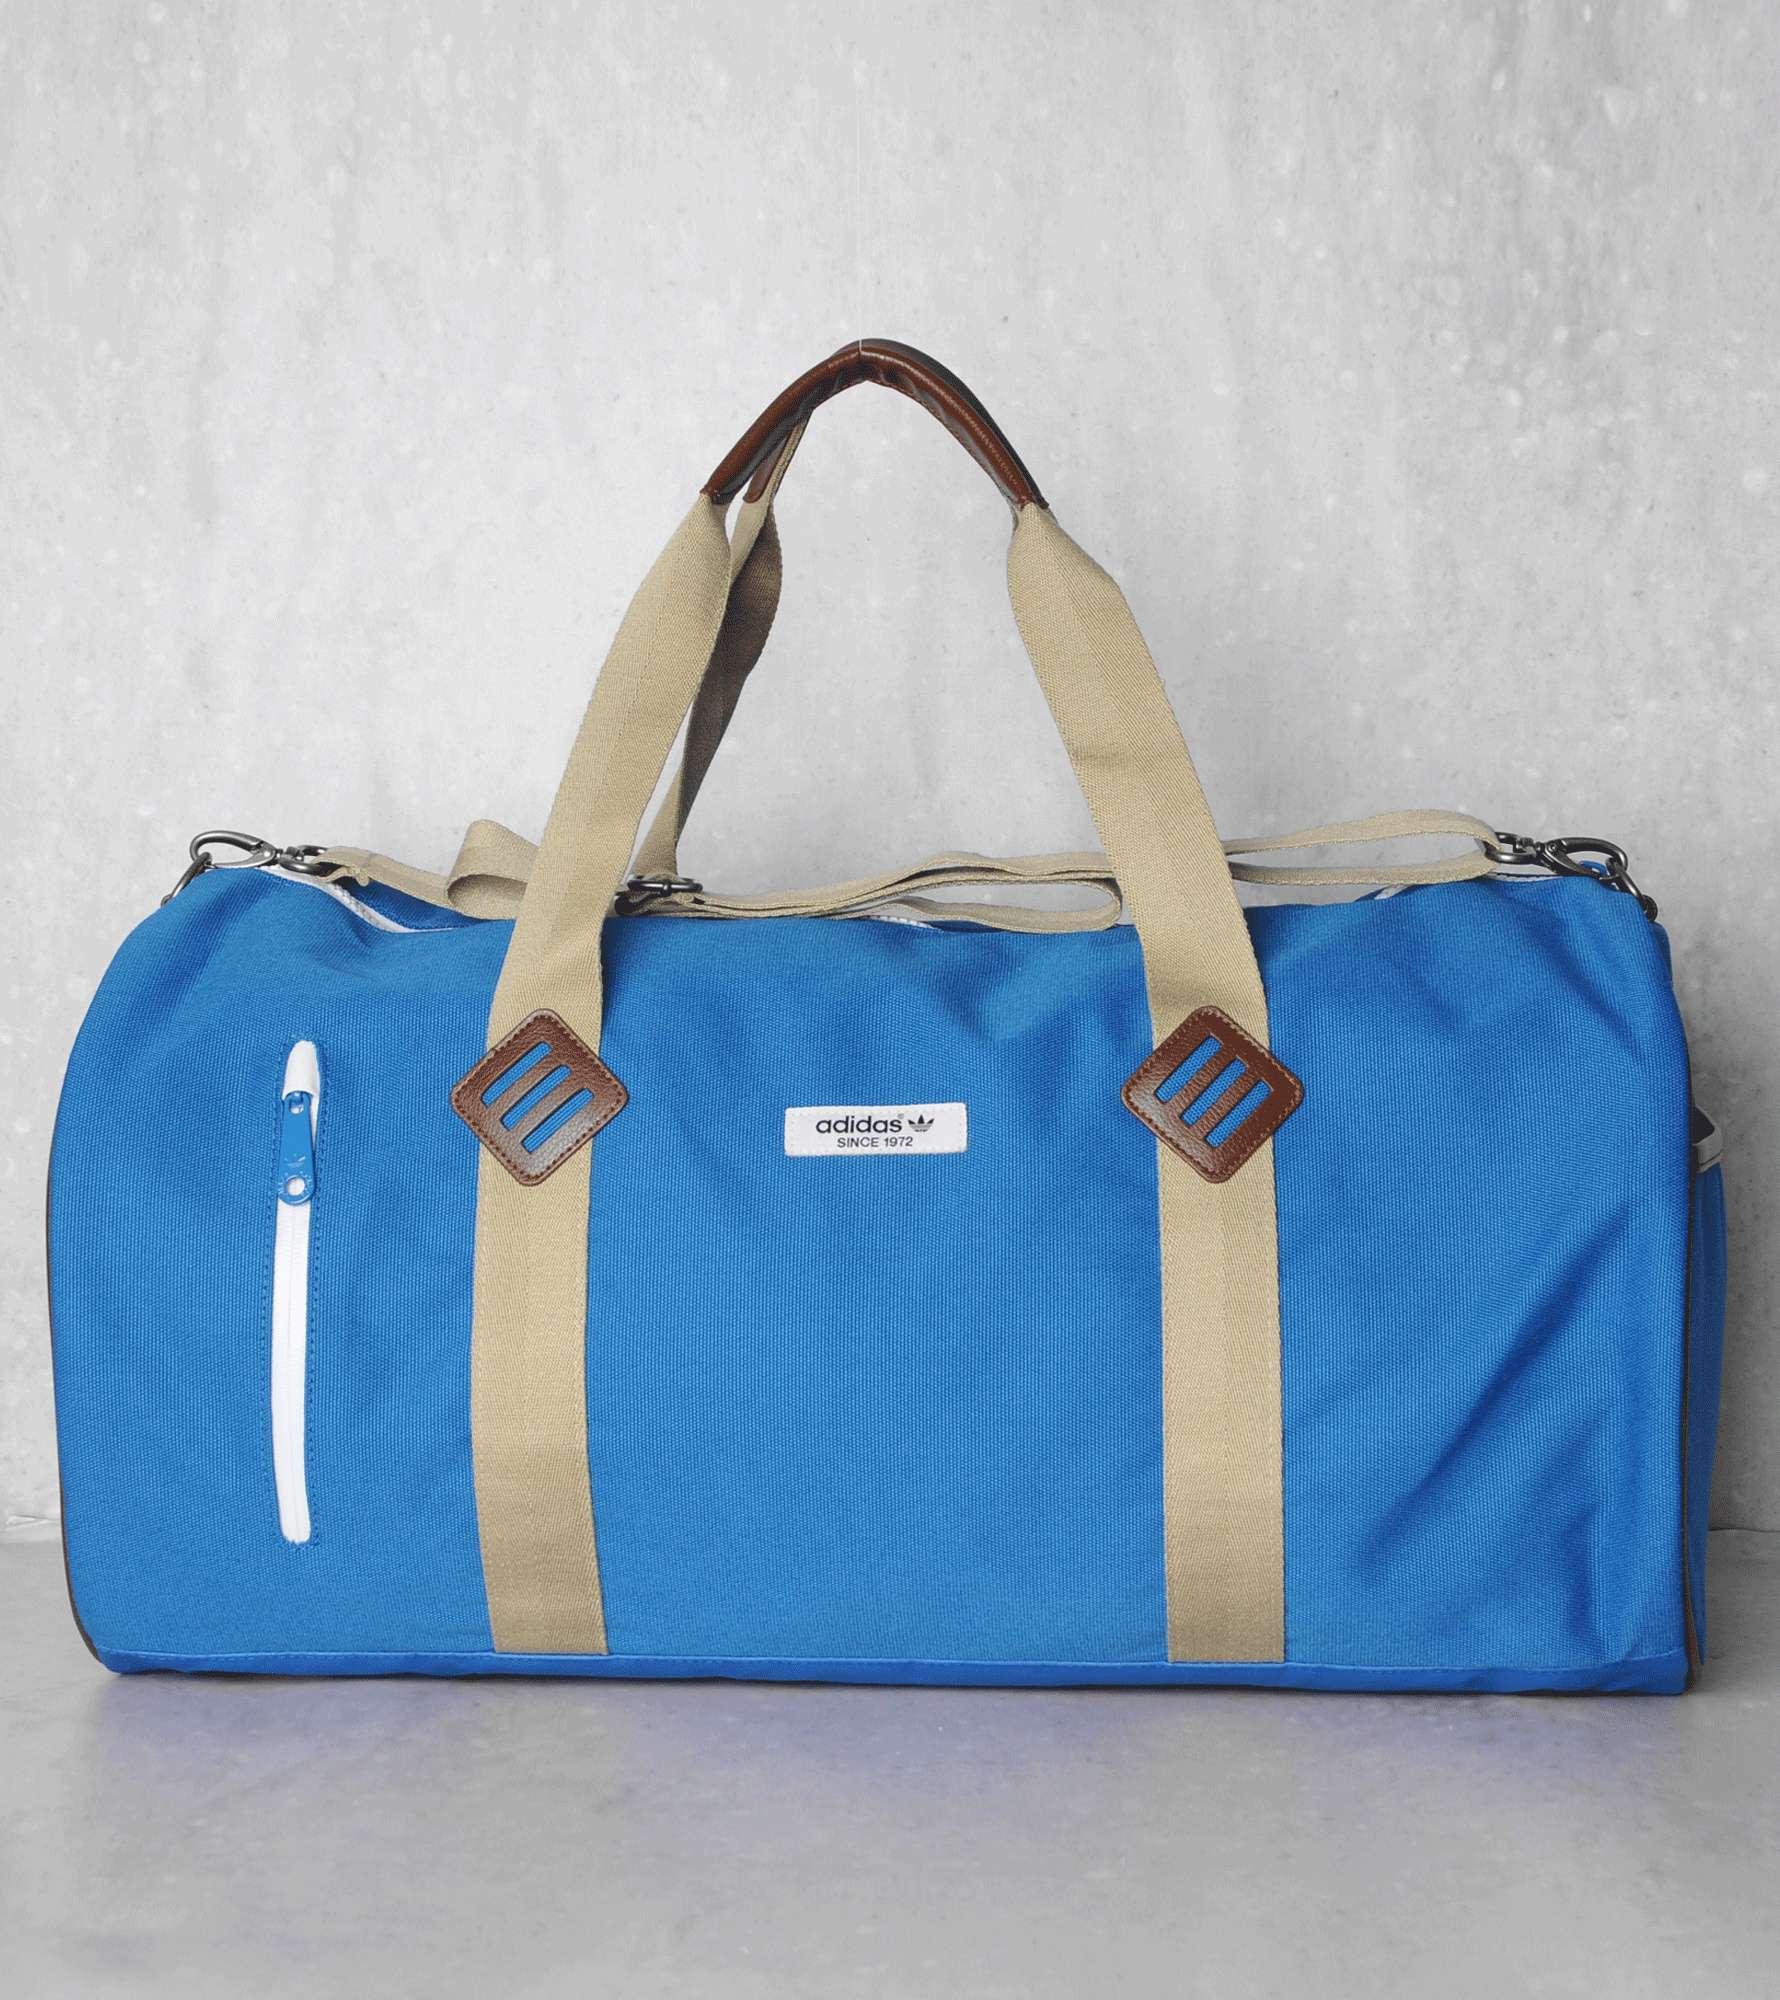 8fea316e33e7 Adidas Originals Duffel Max Canvas Bag